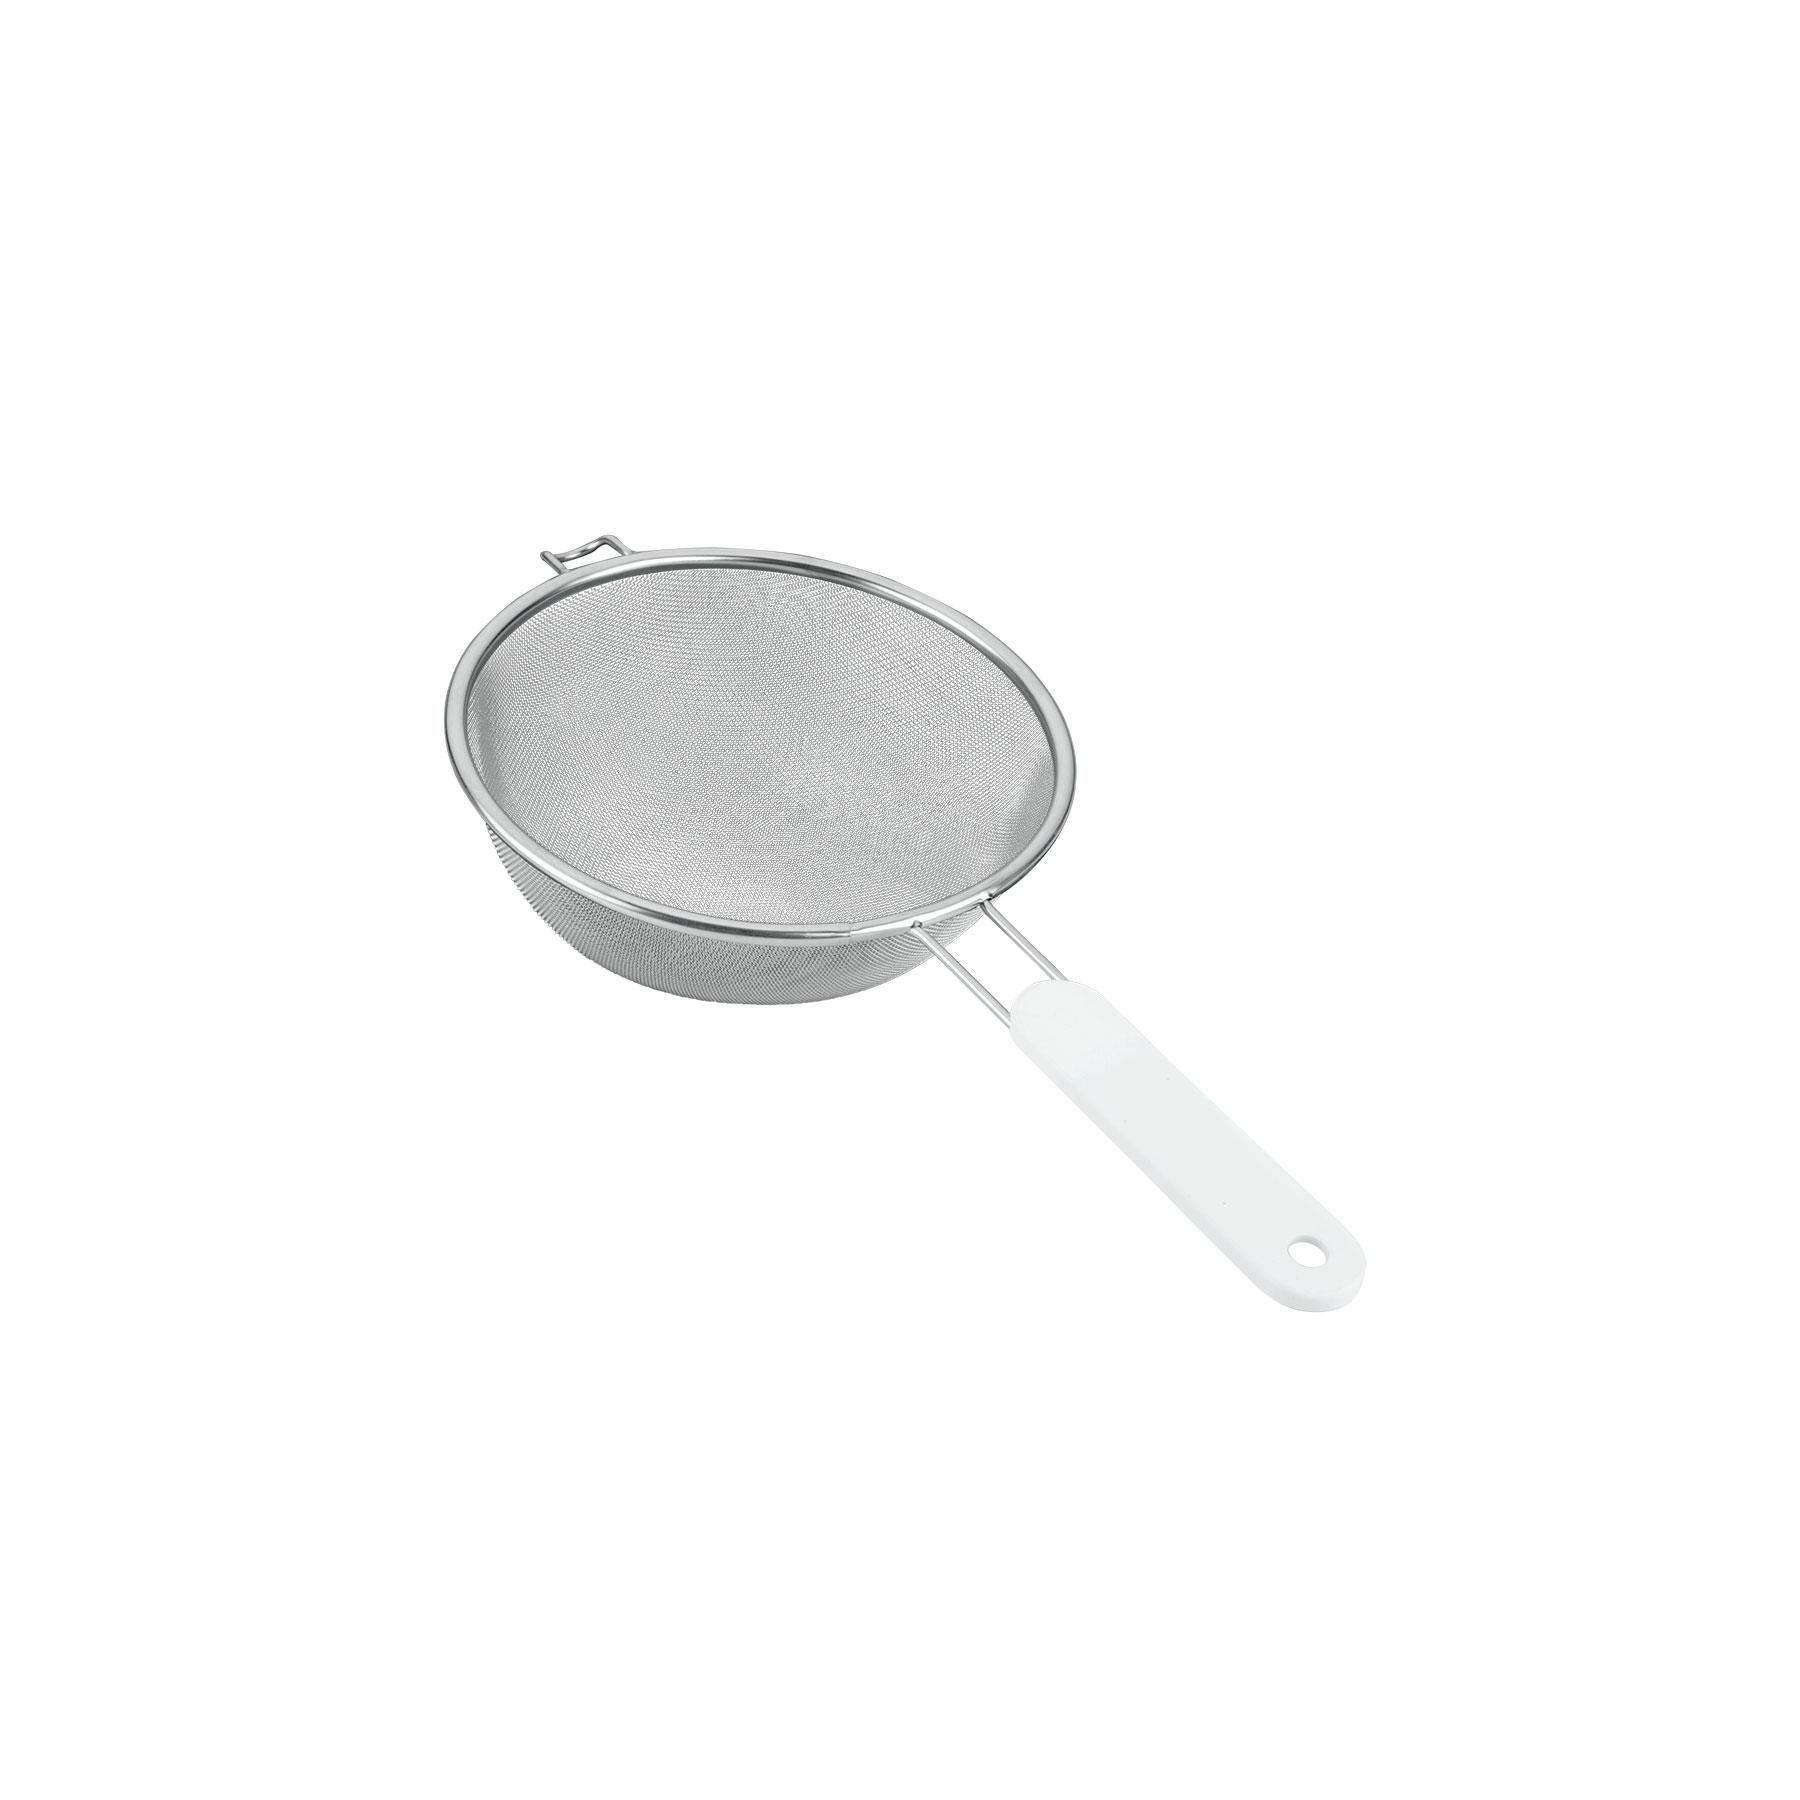 Σουρωτήρι Ανοξείδωτο 16εκ. Metaltex – METALTEX – 116416